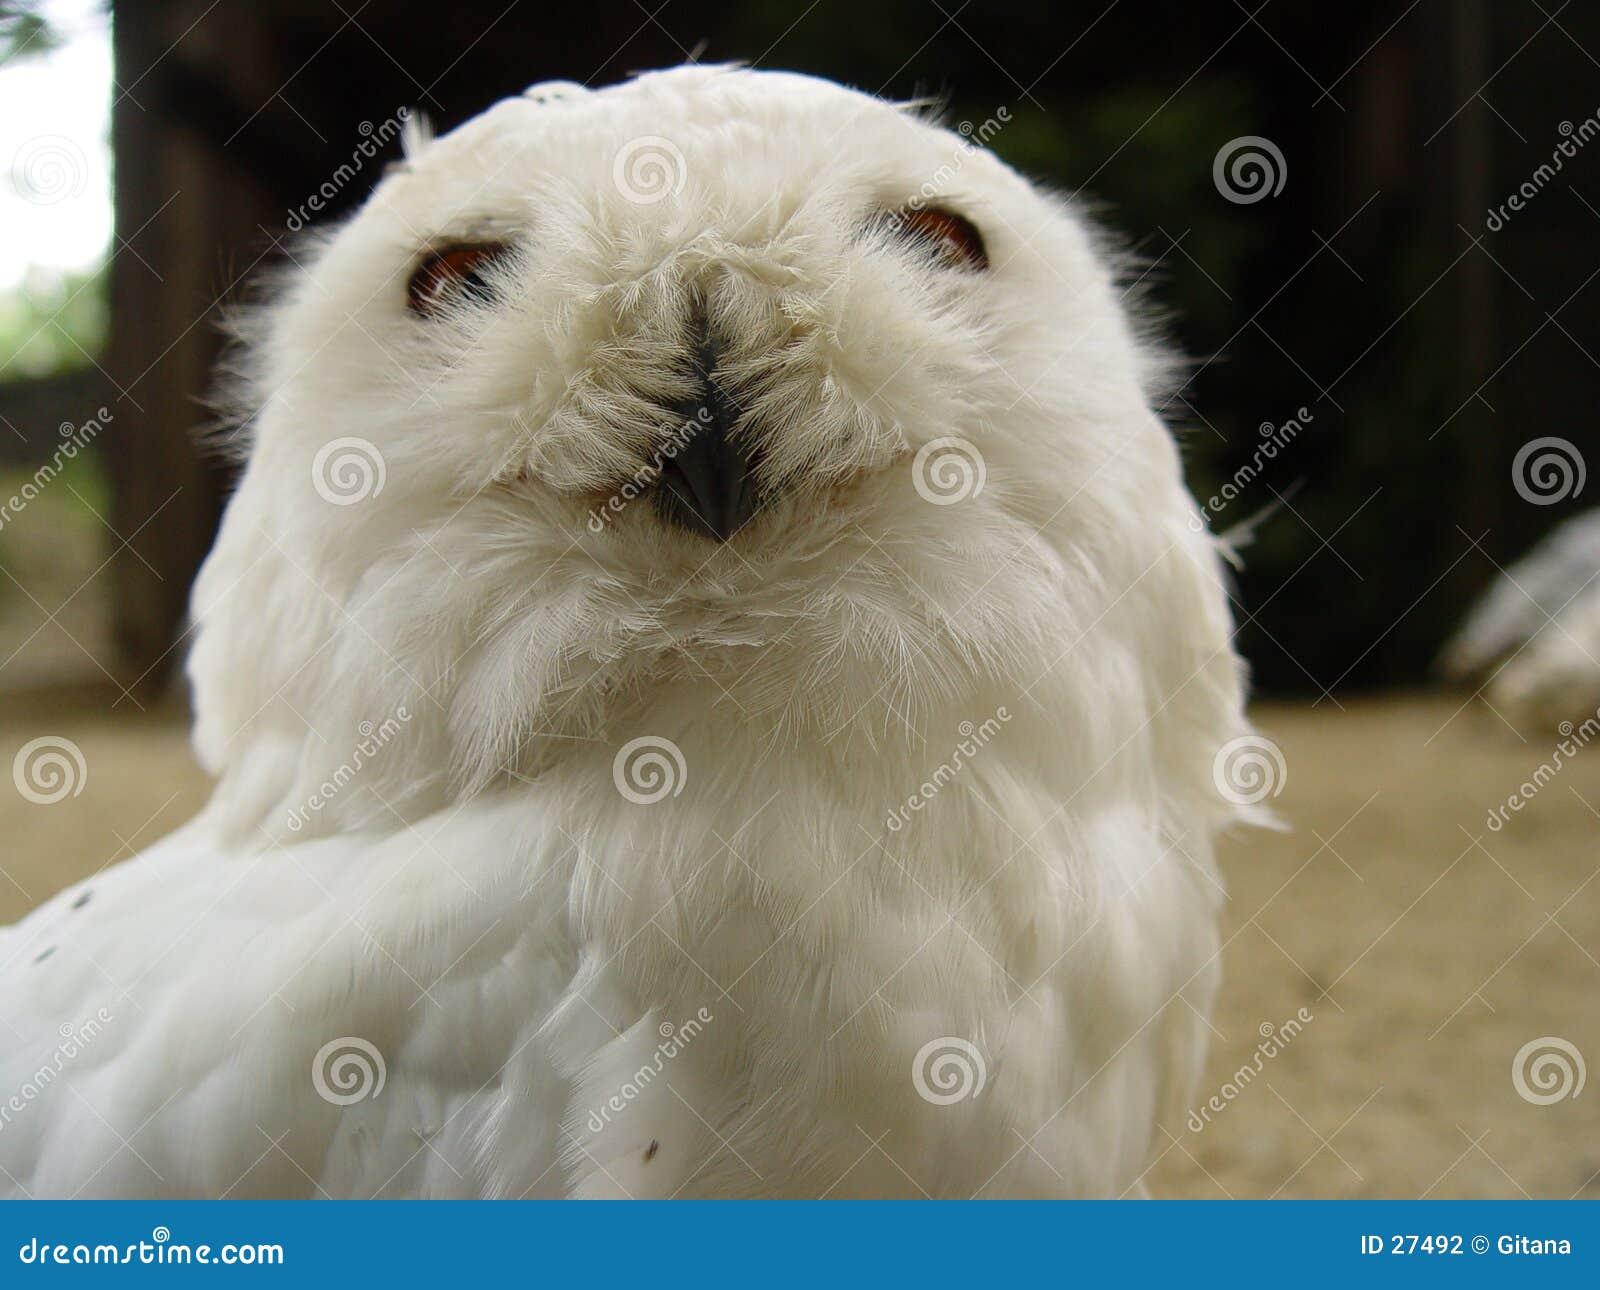 Owlsnow